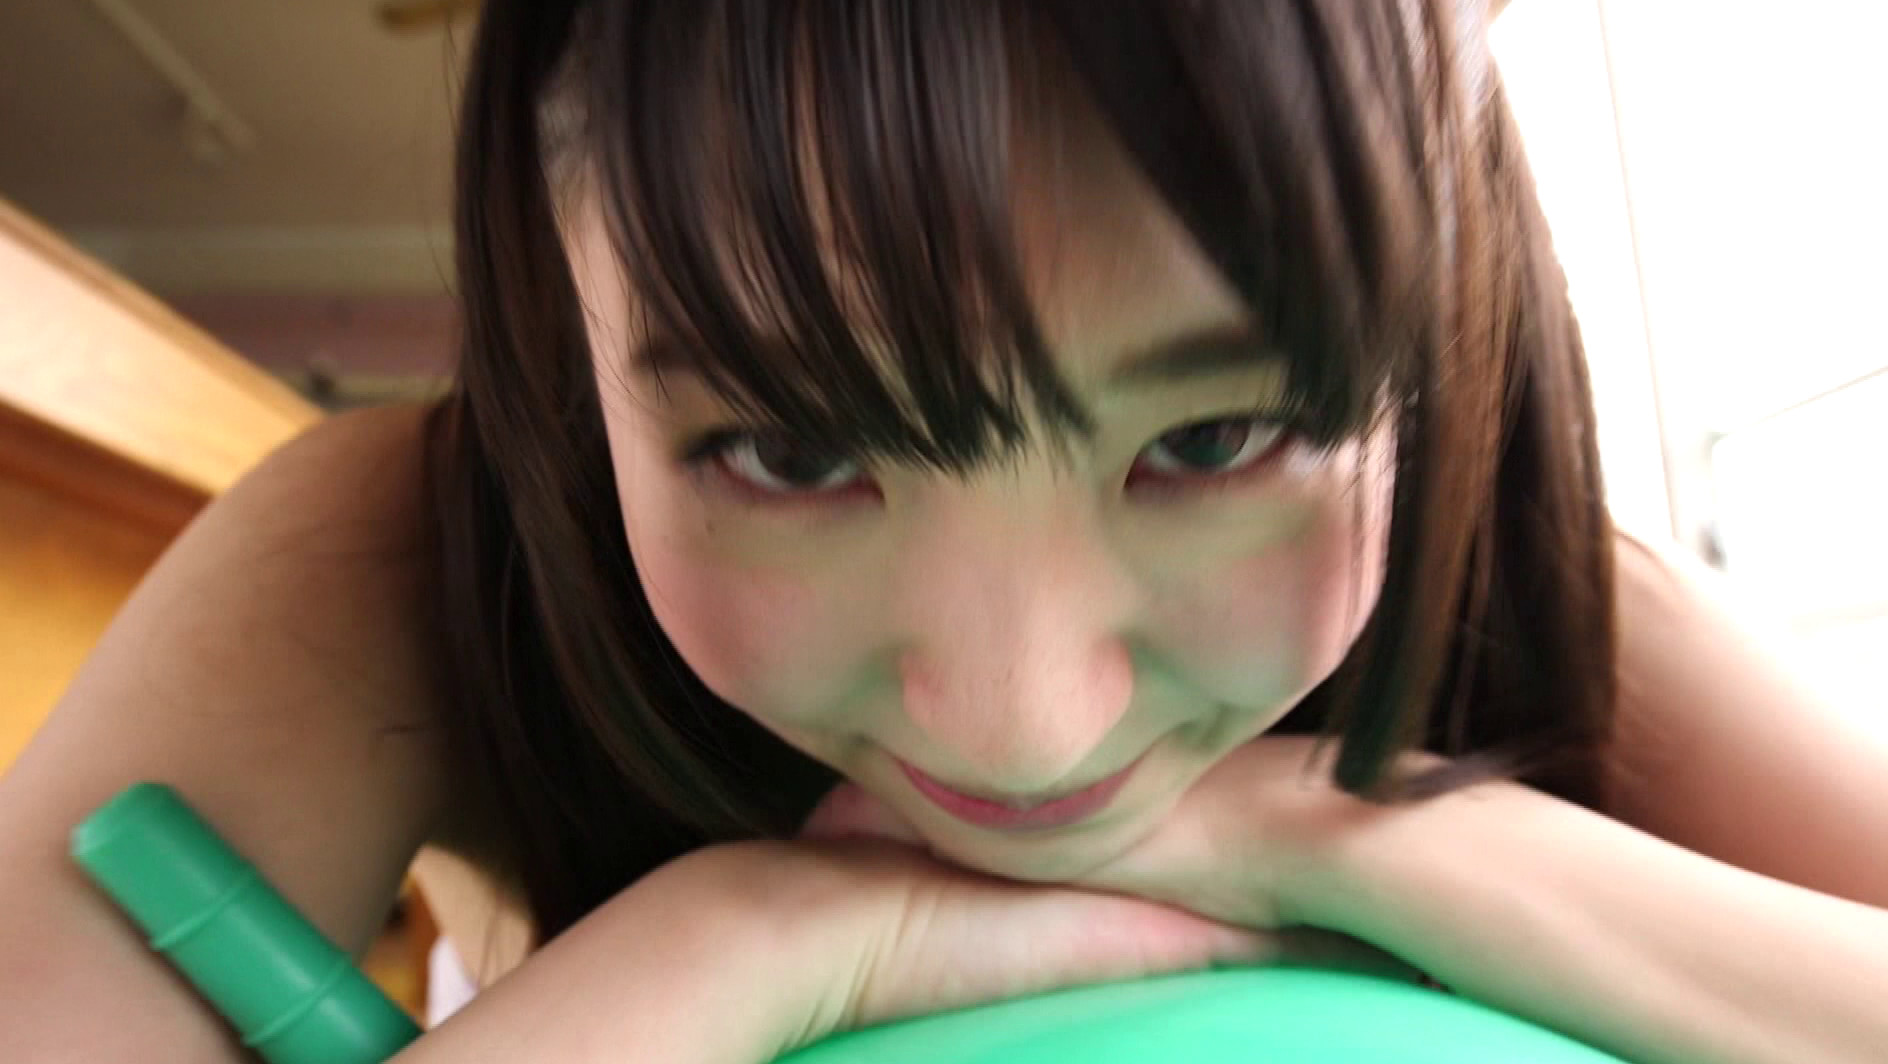 柔肌によせて 椎名香奈江8